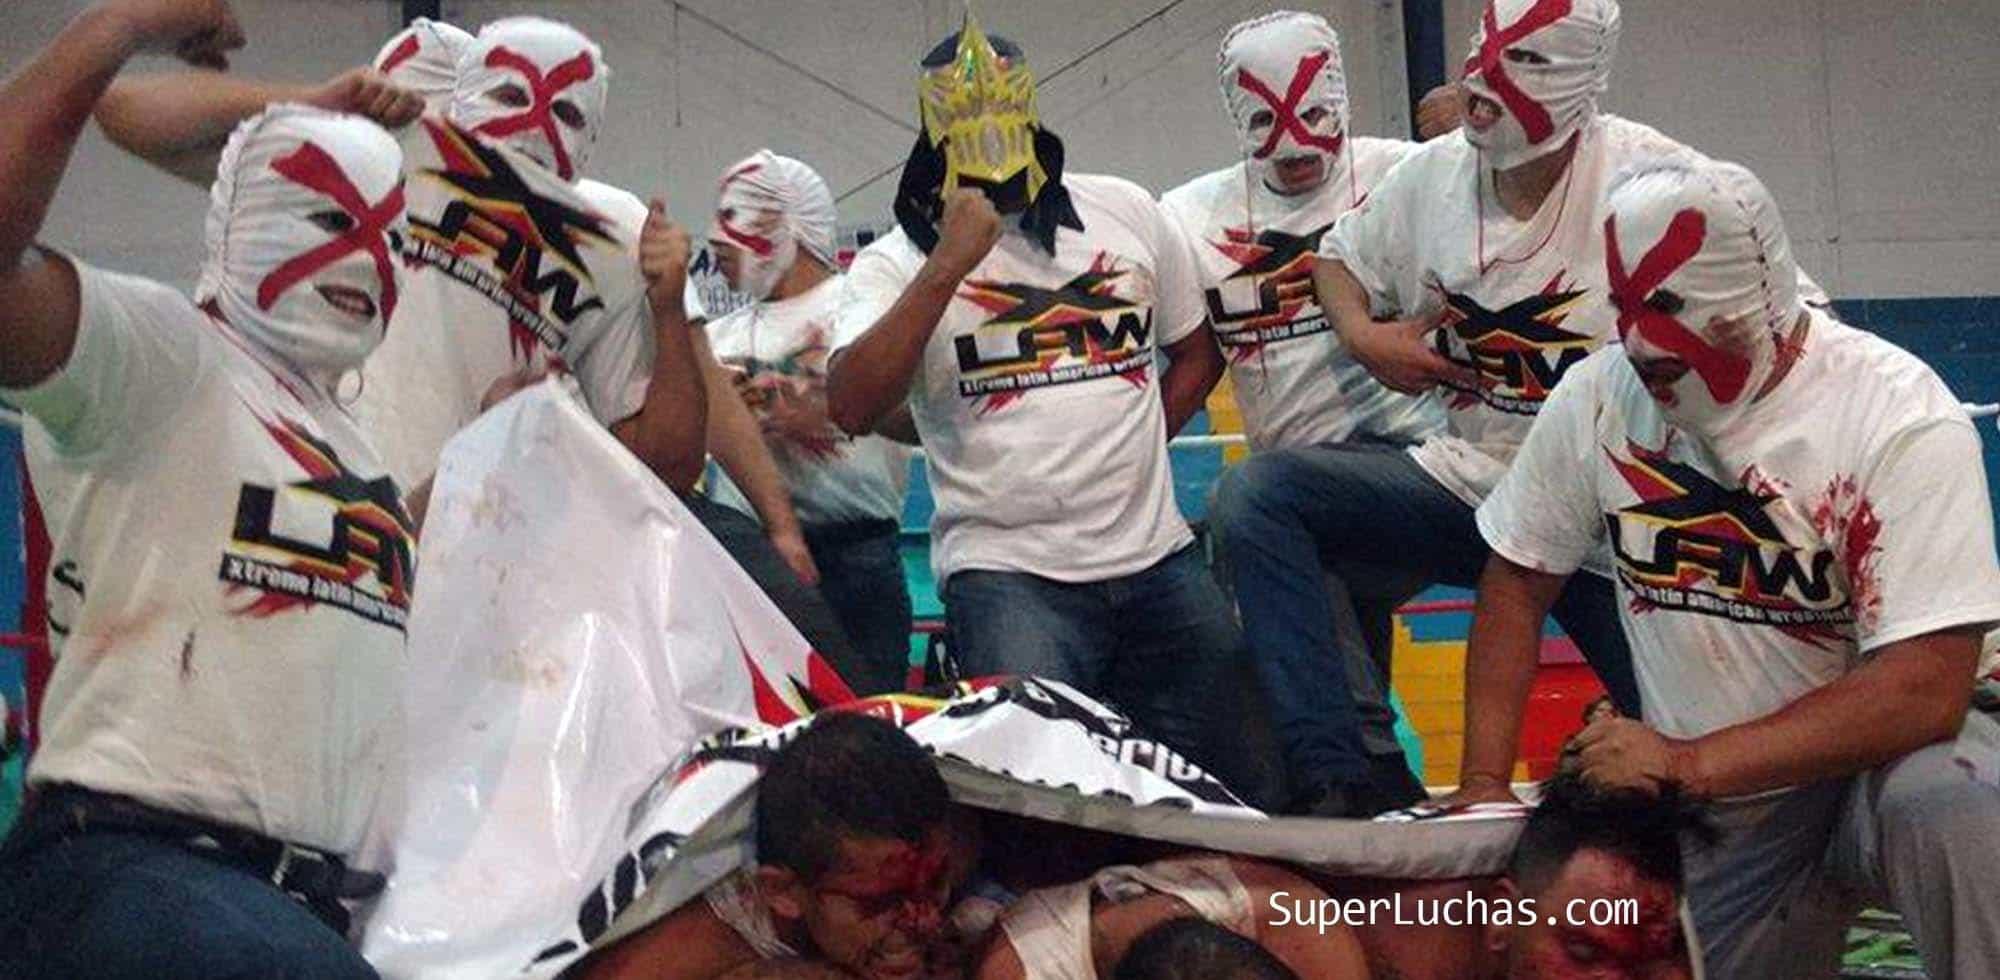 """Pesadilla: """"Los mejores luchadores extremos en México fuimos hechos en X-LAW"""" 1"""